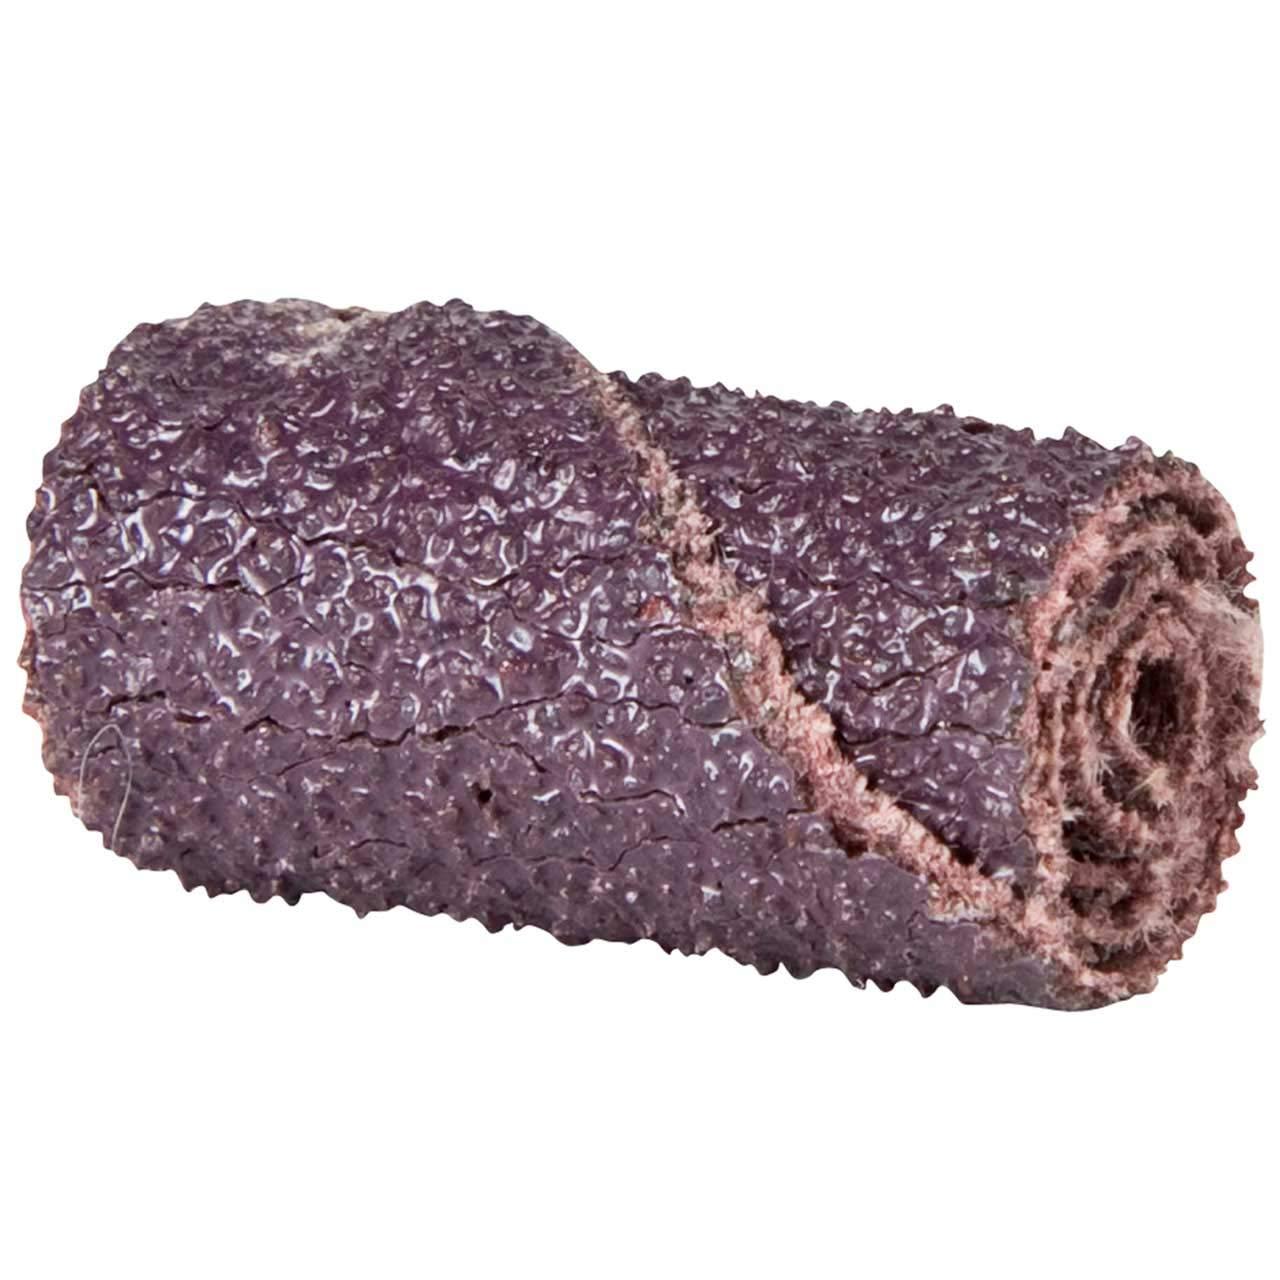 Aluminum Oxide Roll 1//4 Diameter x 3//4 Length Pack of 100 Grit 80 1//8 Arbor Merit Abrasive Cartridge Roll